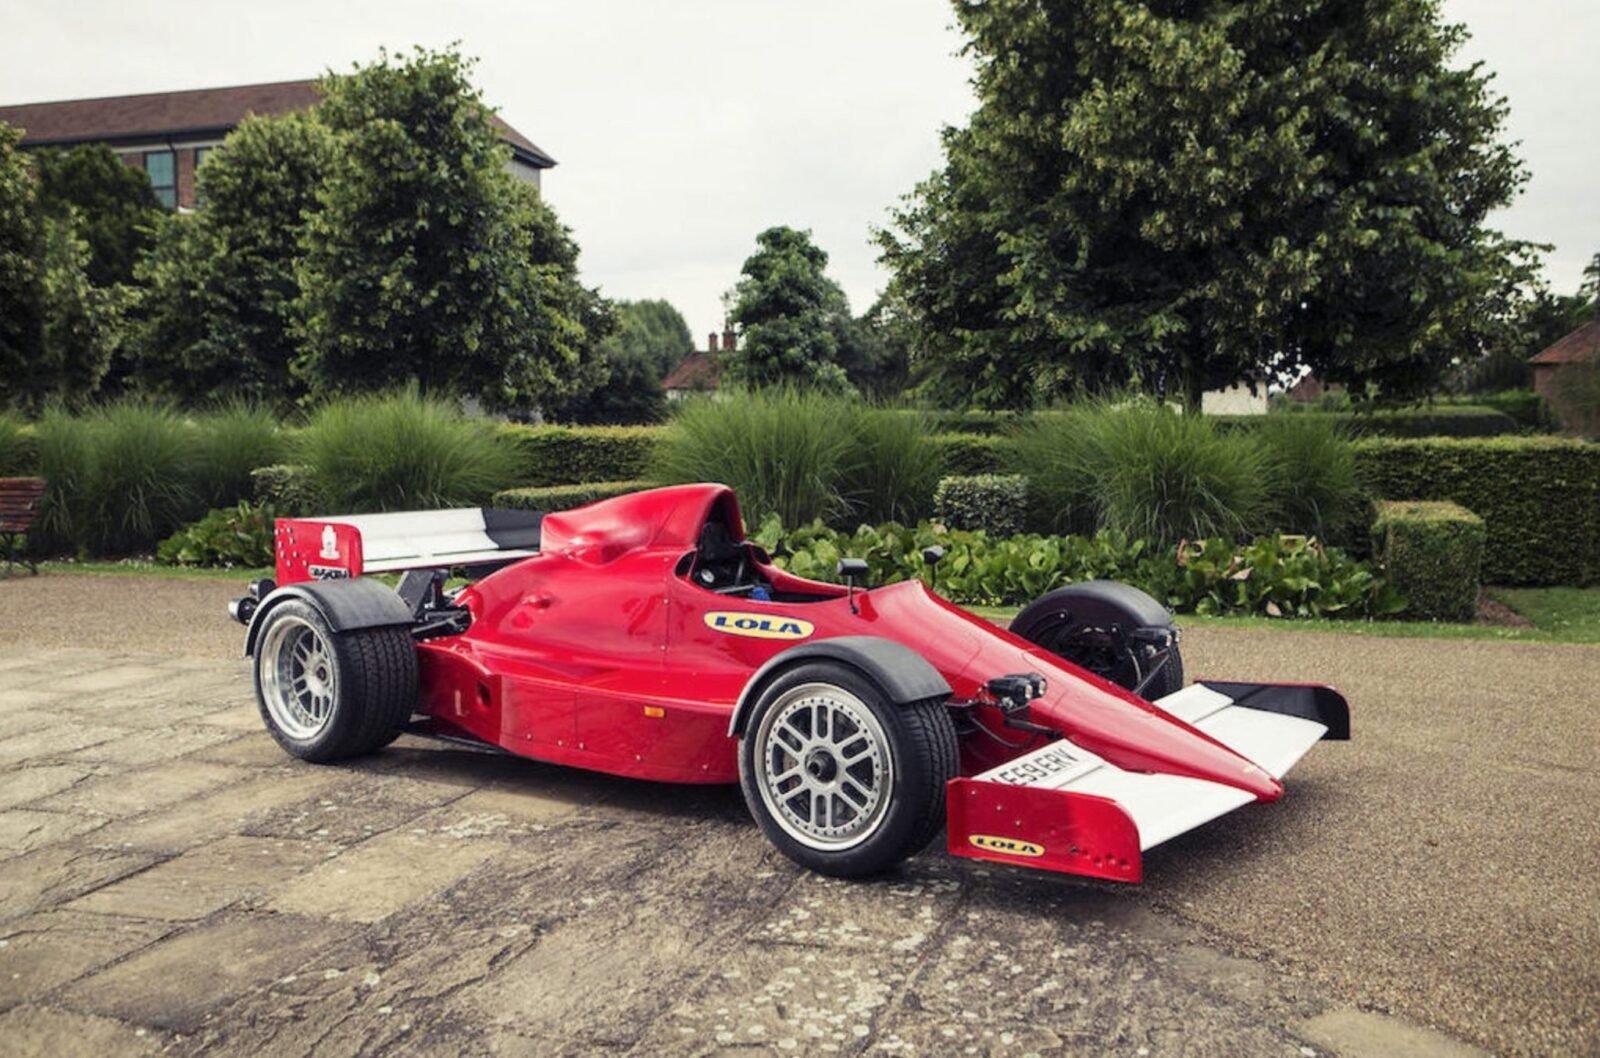 Lola F1R - Road-Legal Formula 1 Car